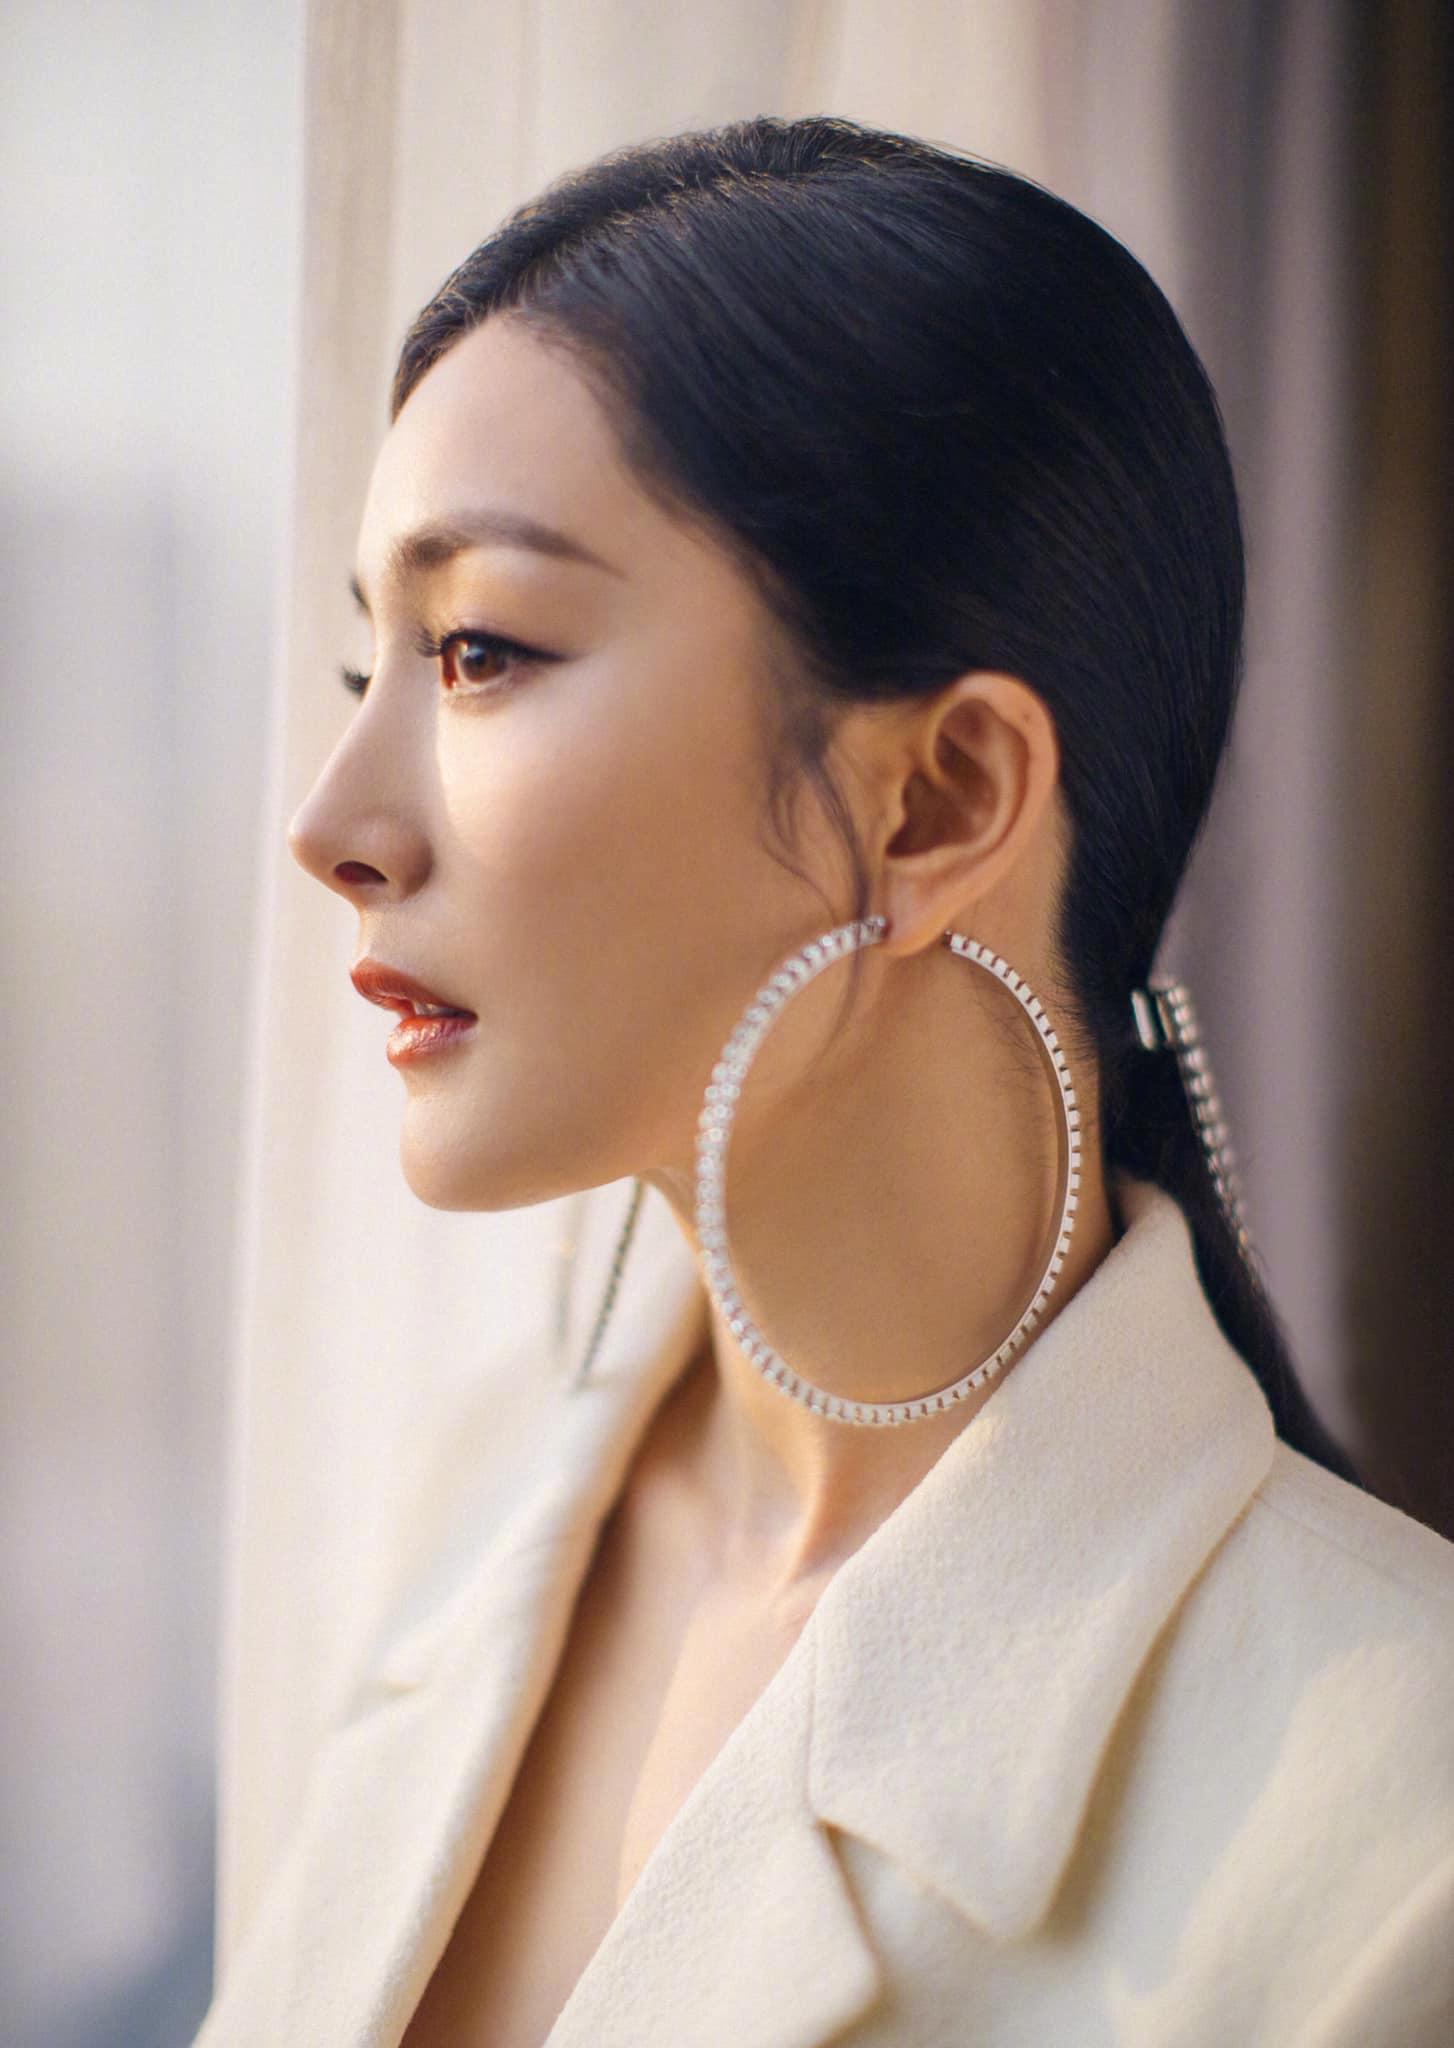 Dương Mịch là bà chúa mê khuyên tai khủng, xem mà thán phục về độ chịu chơi của cô - Ảnh 5.